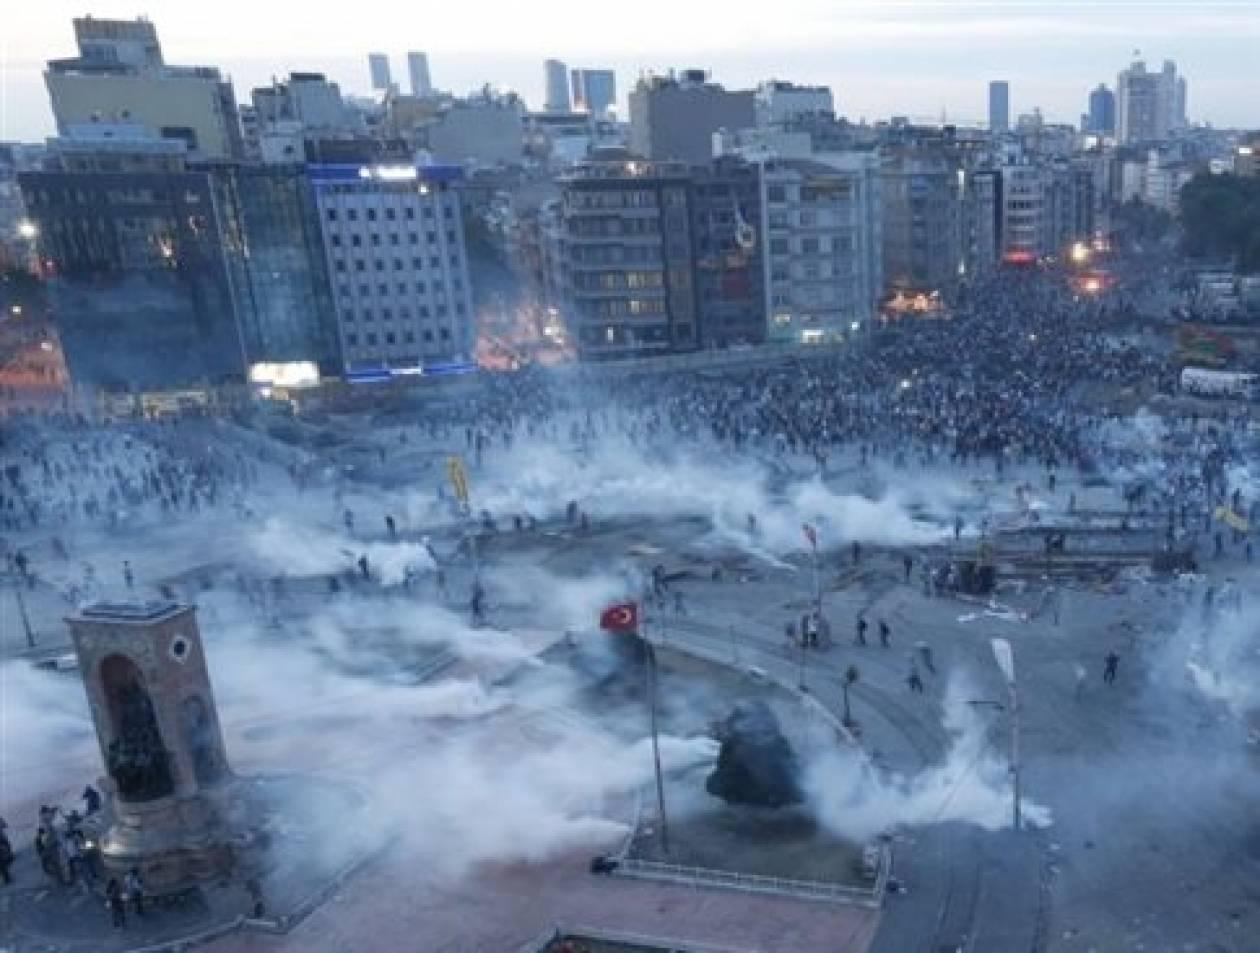 Αυστηρή κριτική των ΗΠΑ στην Τουρκία για τα ανθρώπινα δικαιώματα